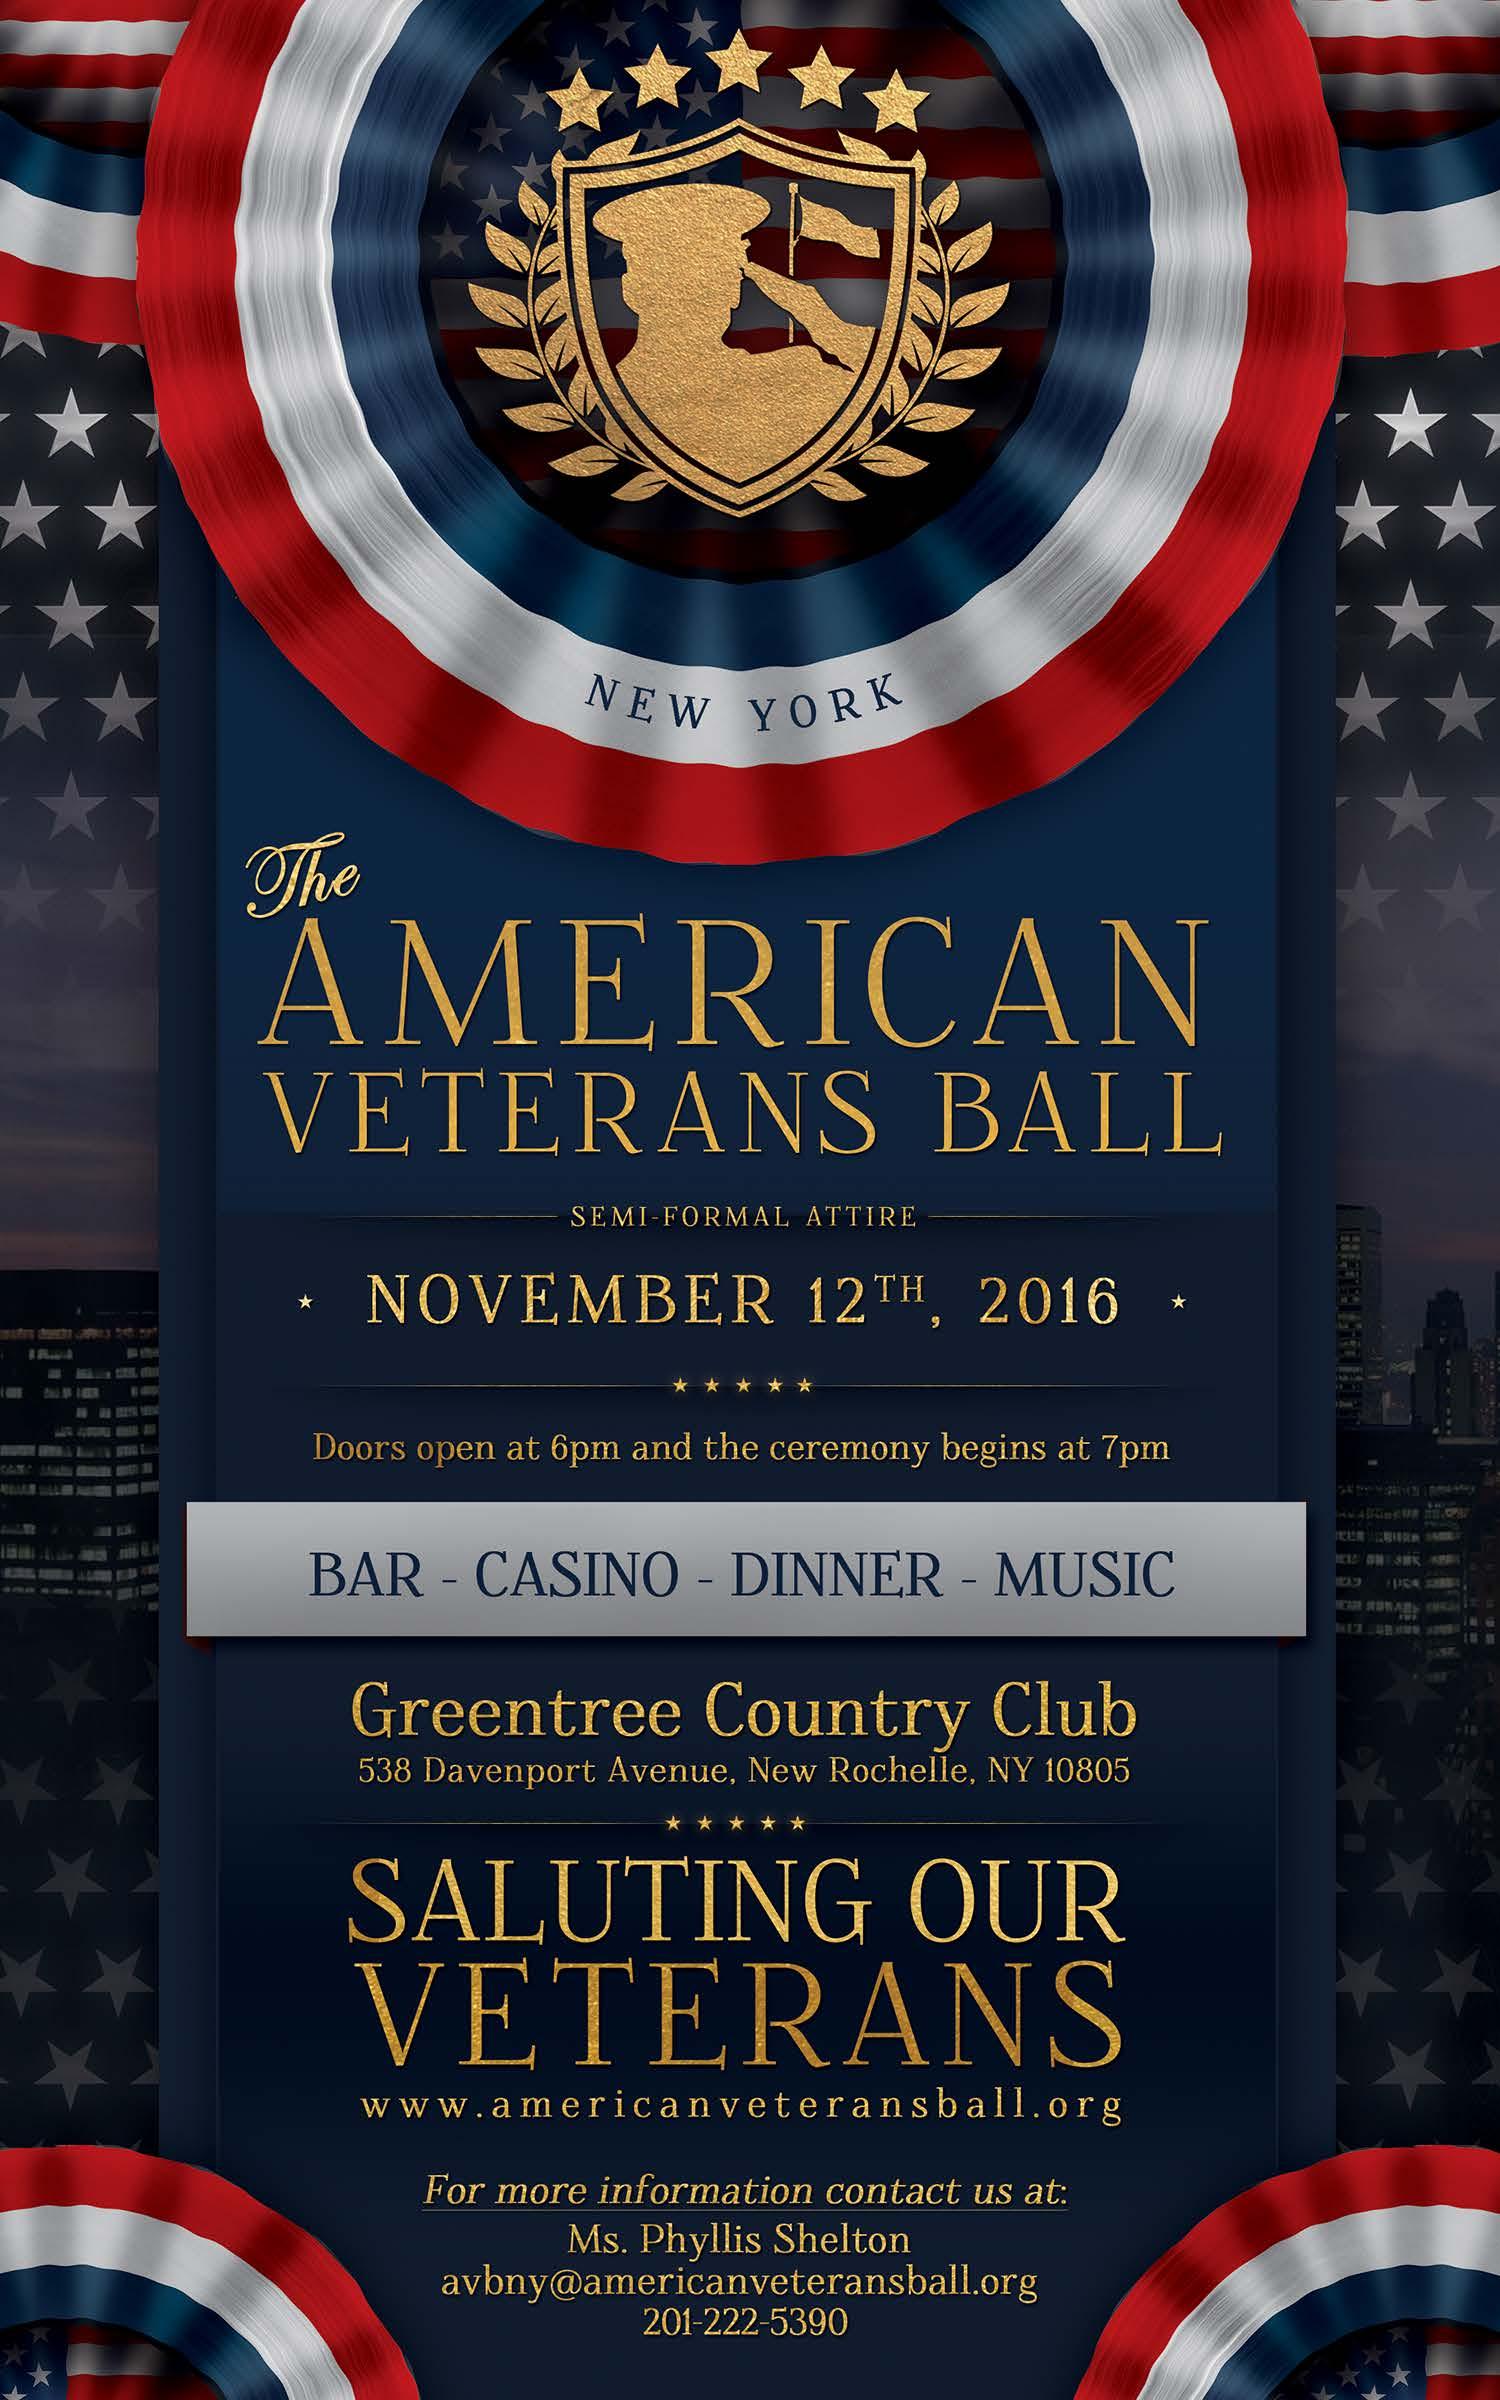 AVB2016-New York – American Veterans Ball (AVB)